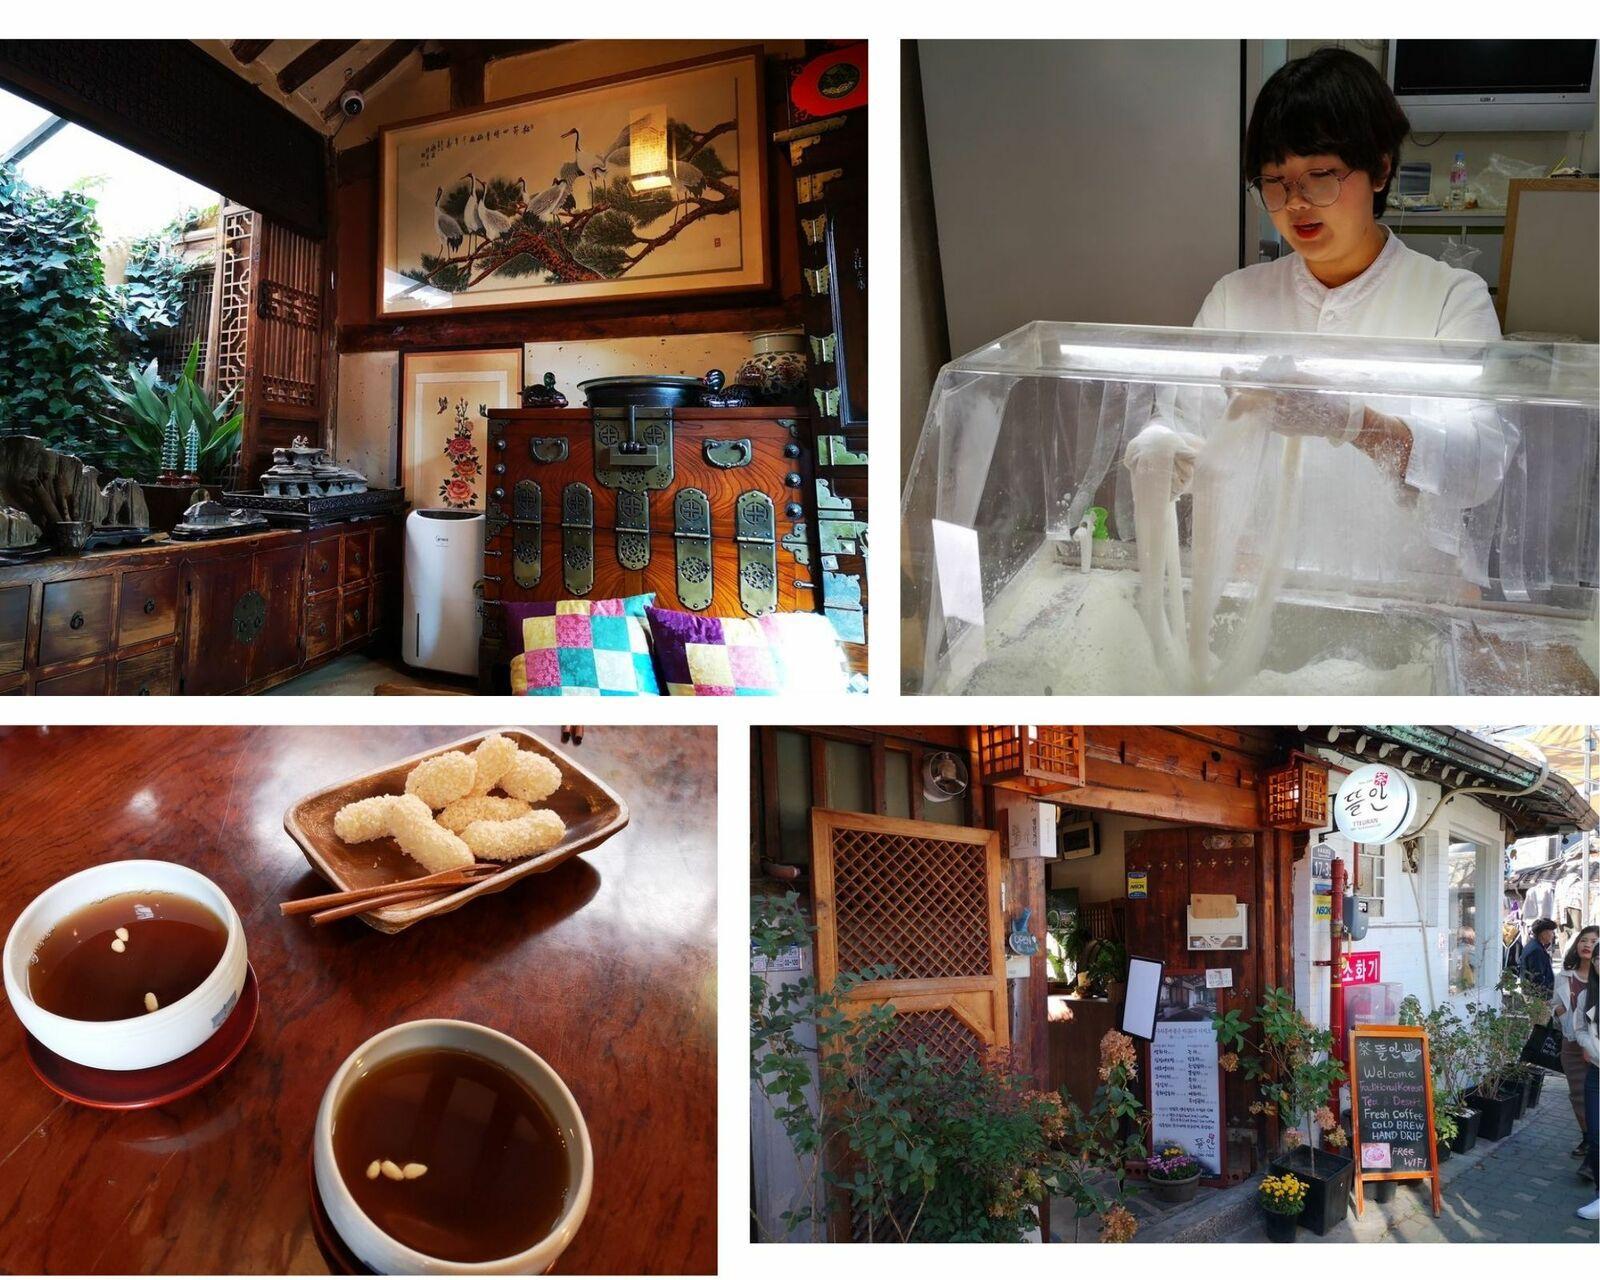 Séoul, un savoureux concentré de culture, d'histoire et de gastronomie